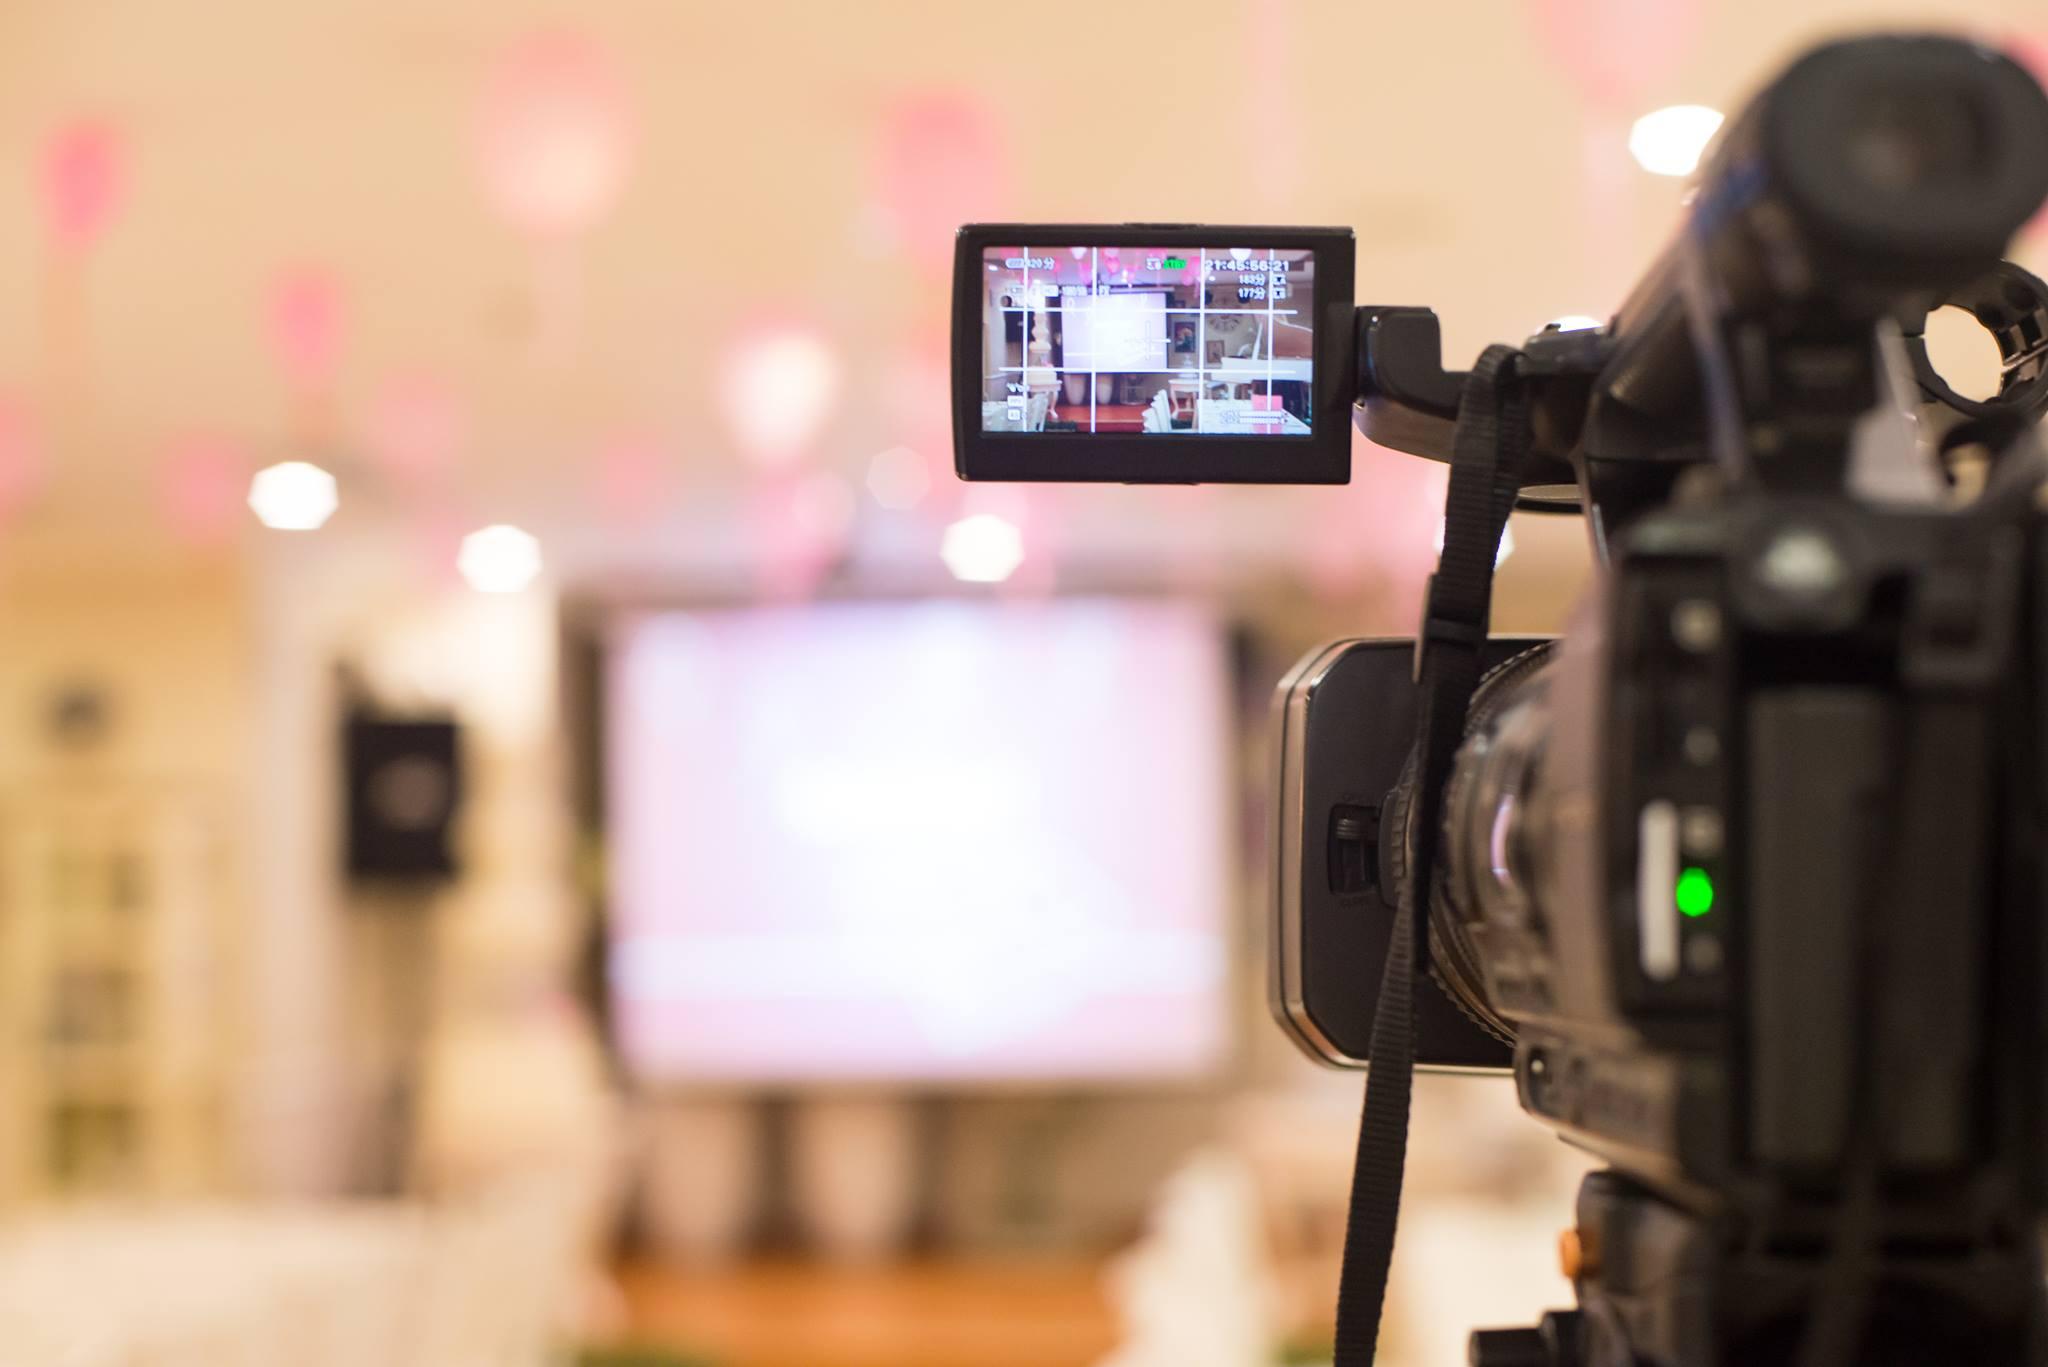 Аудиотреки для видео, массаж попы у женщин